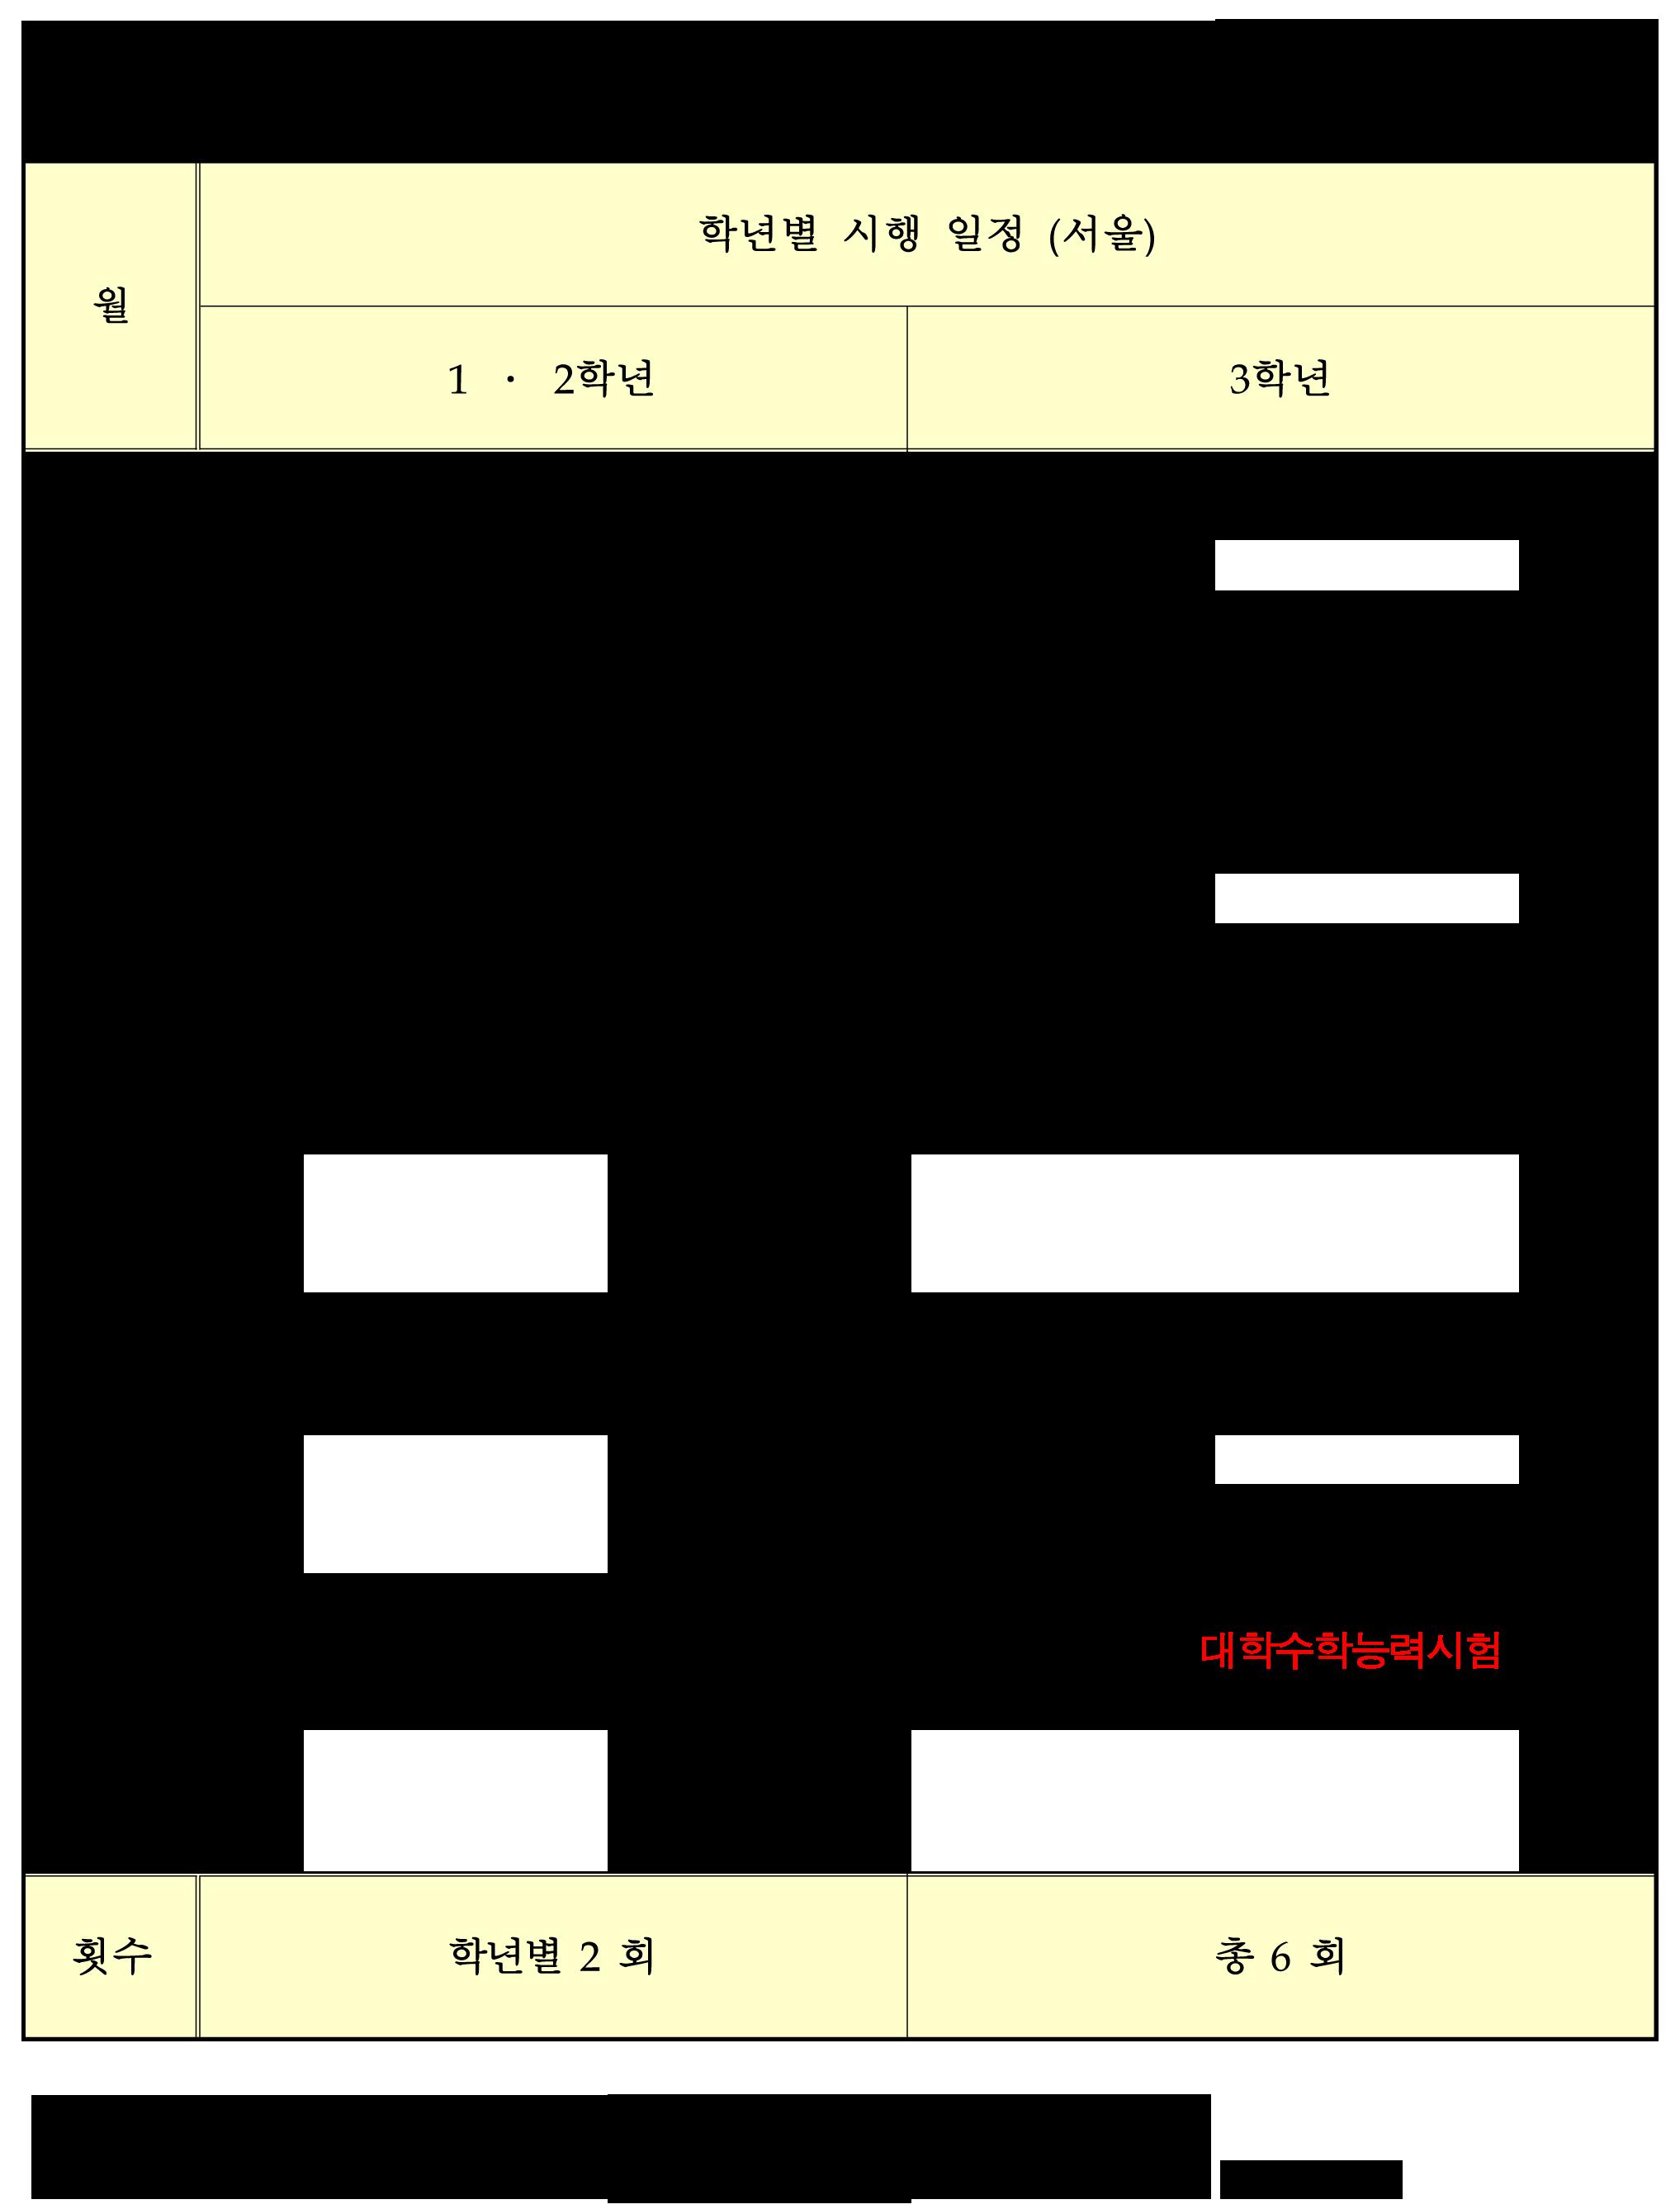 2013학년도_전국연합학력평가_시행_일정(서울)